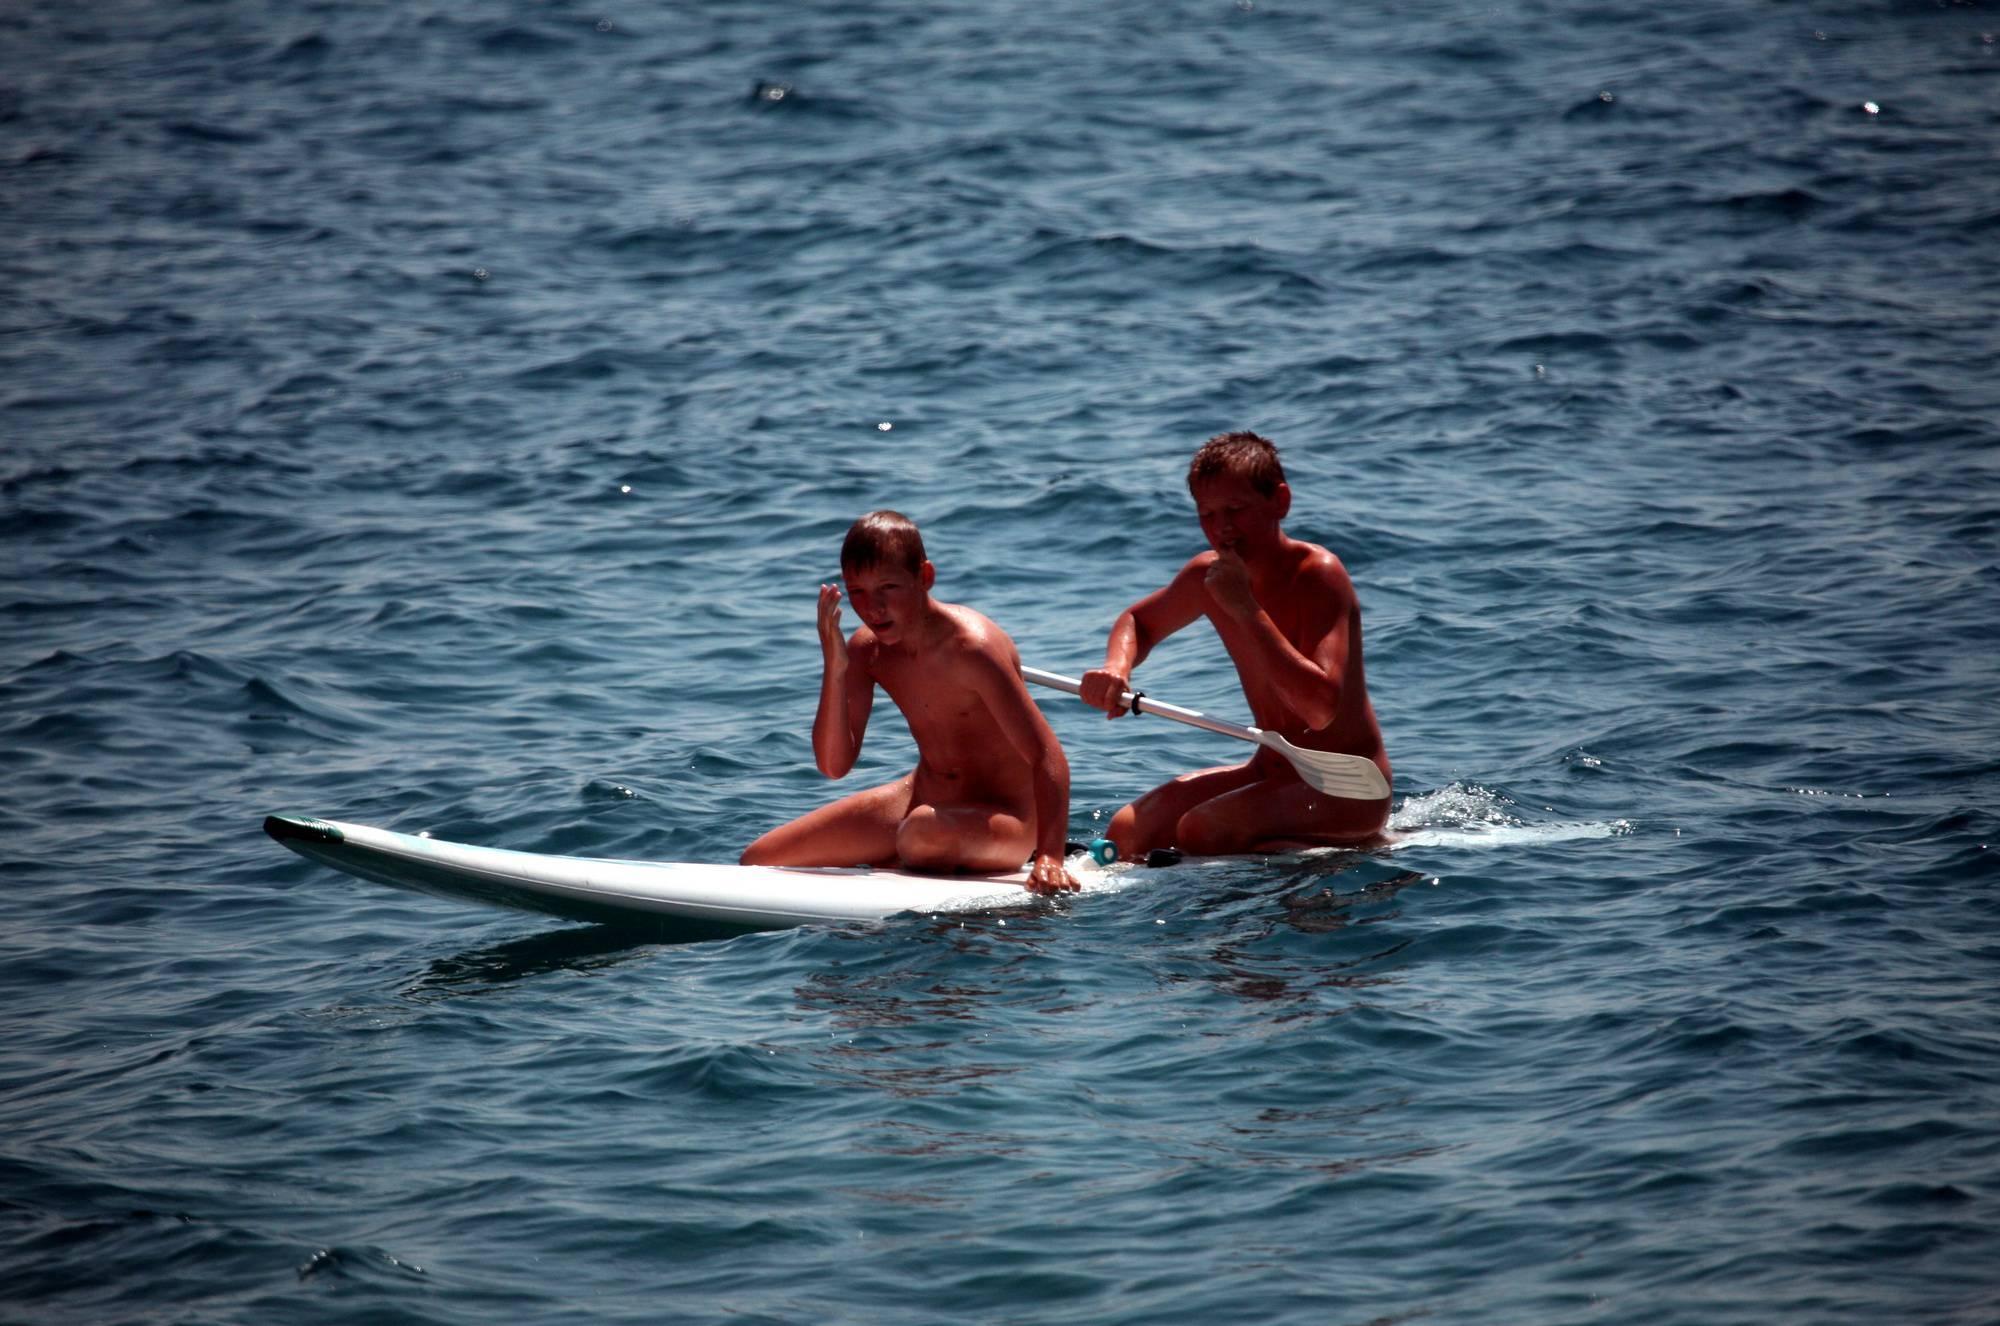 Boys Nudist Water Surfing - 1